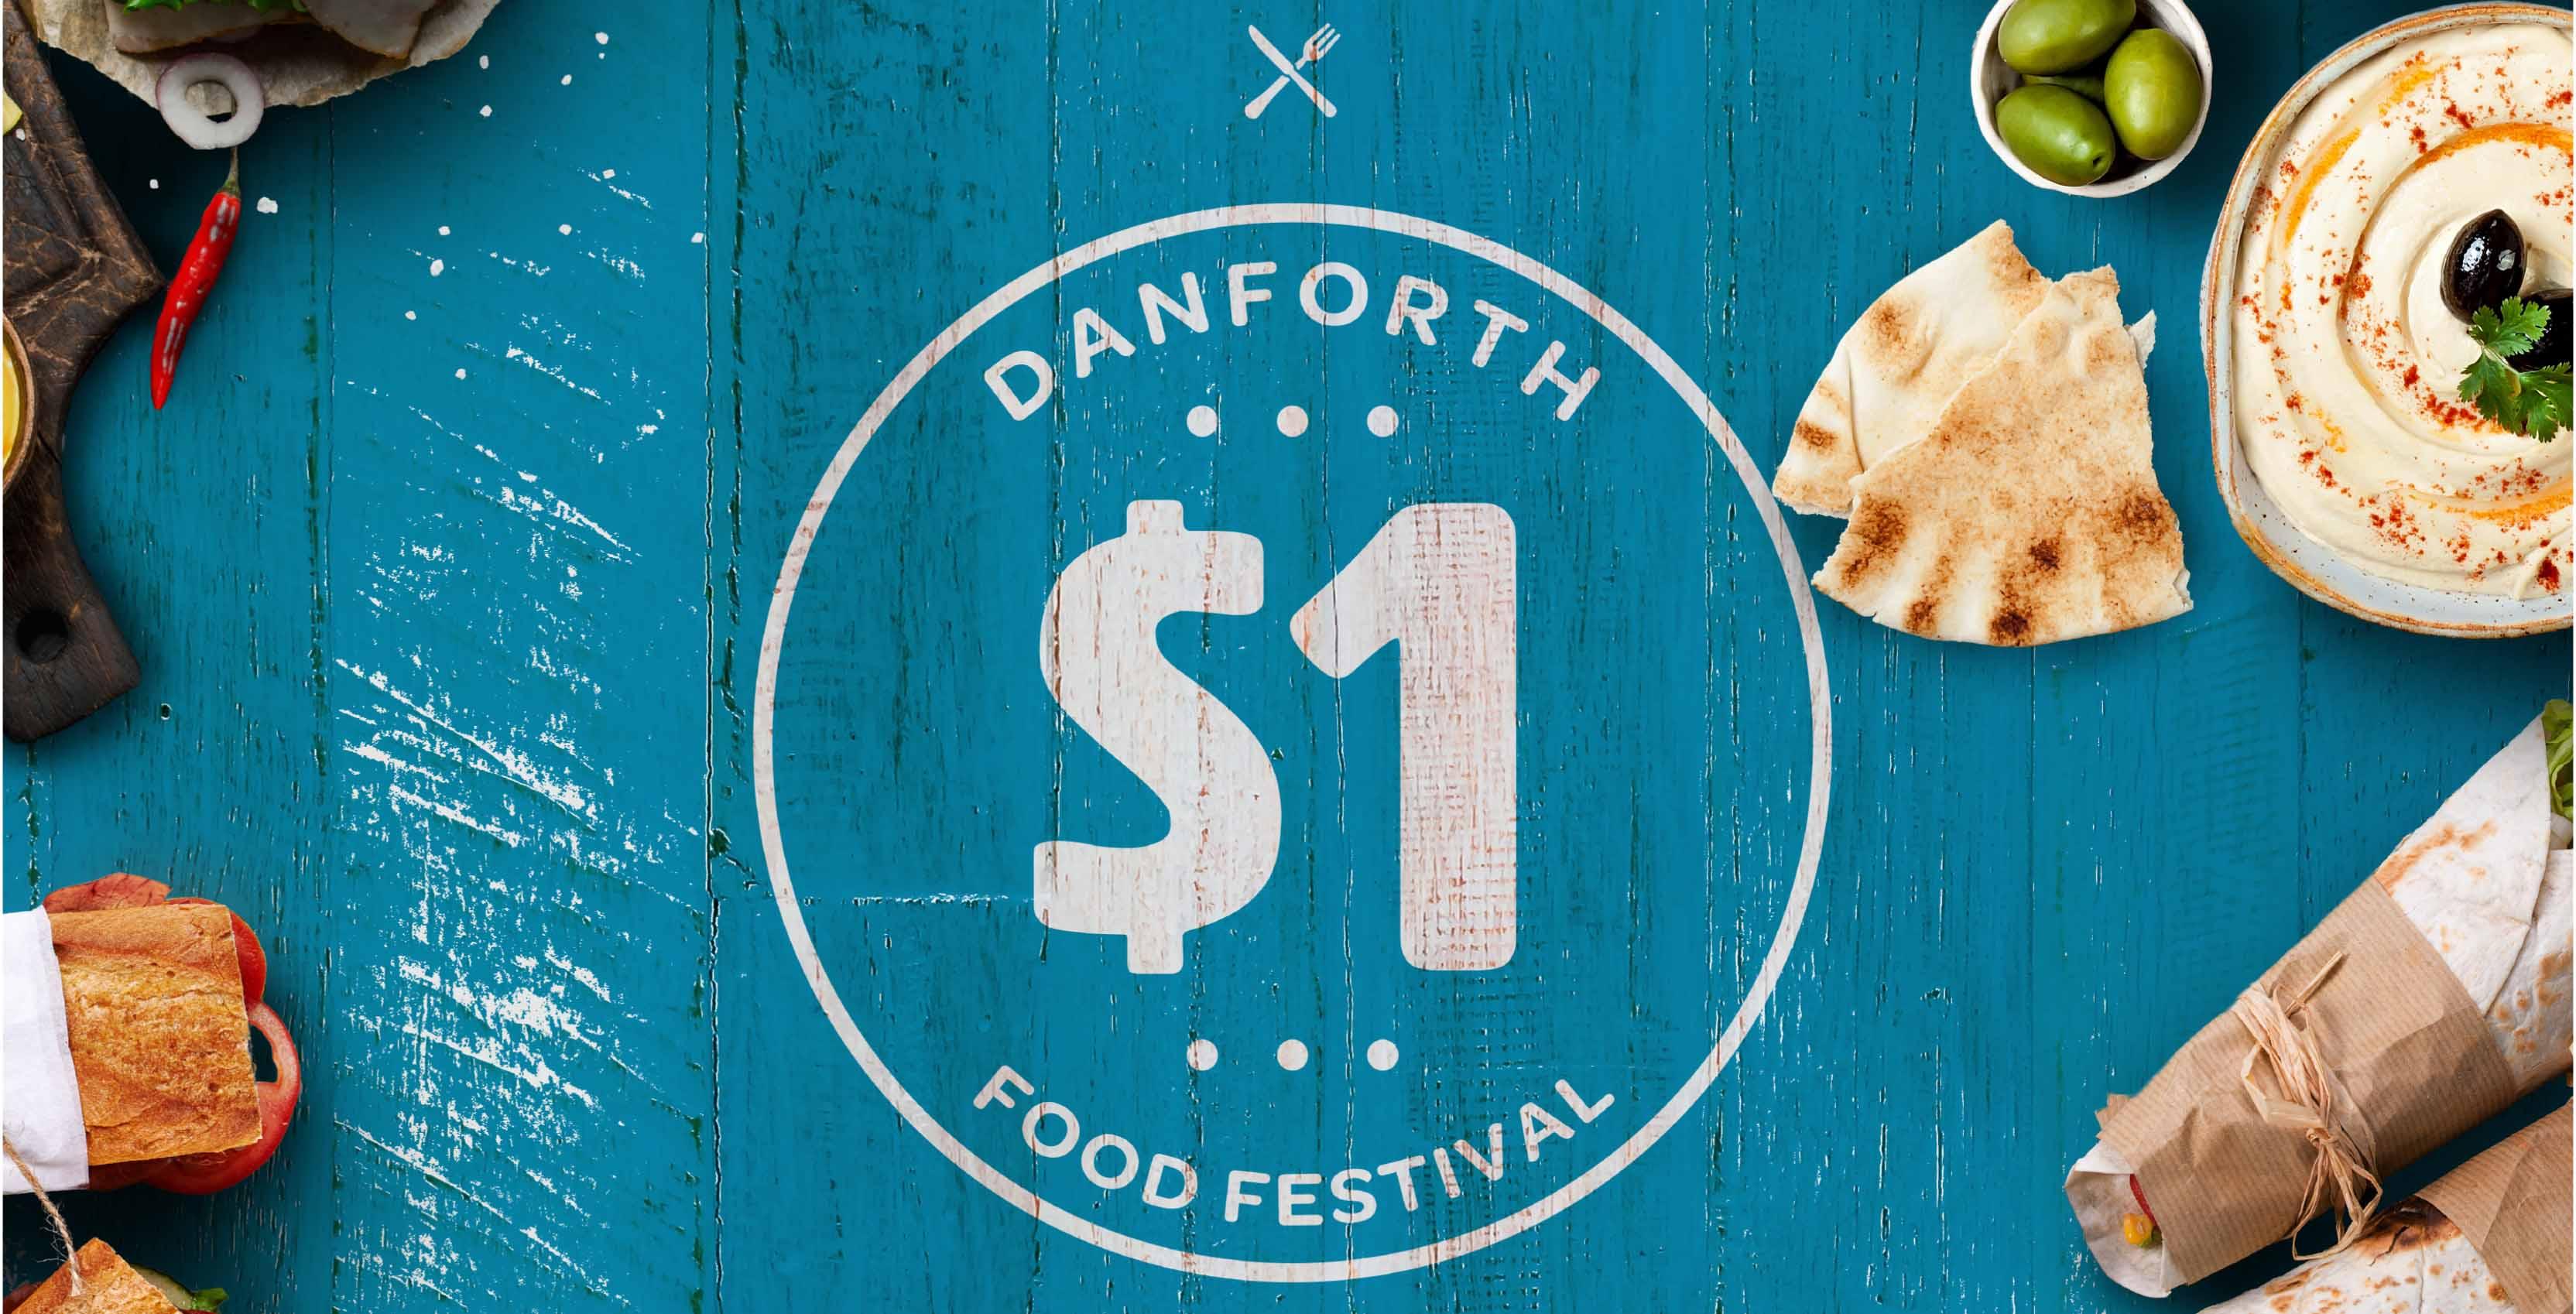 Ritual $1 Food Fest